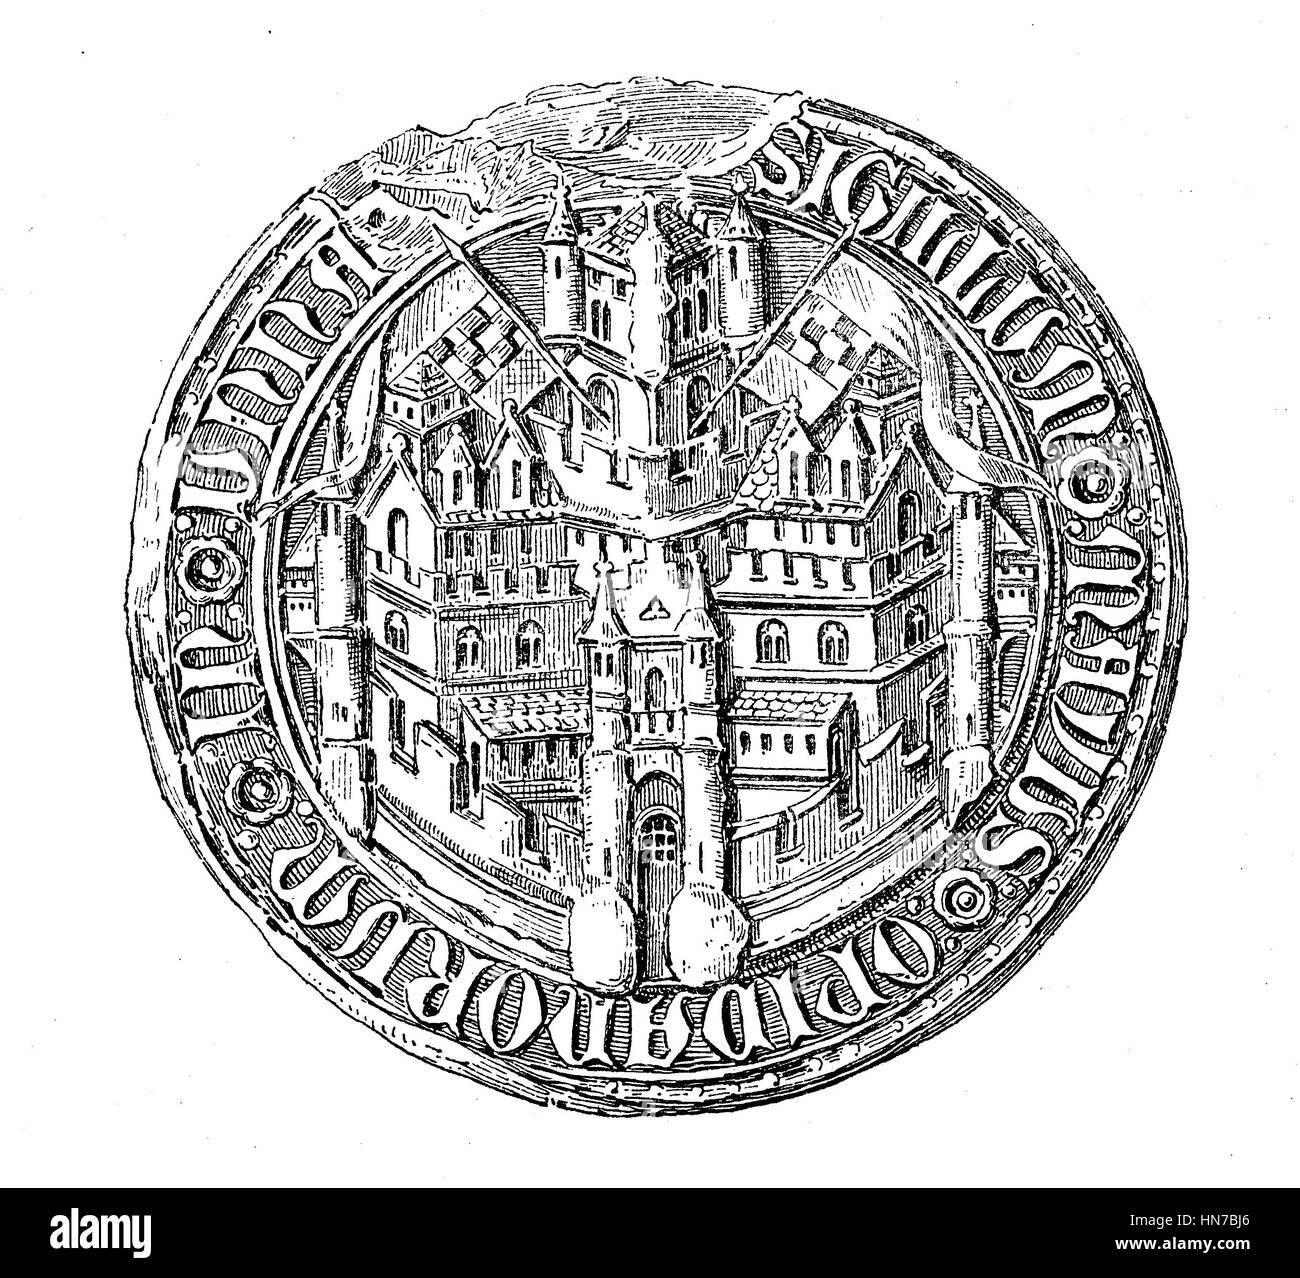 Mittelalterliche Stadt Siegel aus dem 13. bis 15. Jahrhundert hier Unna, Deutschland, Mittelalterliches Stadtsiegel Stockbild